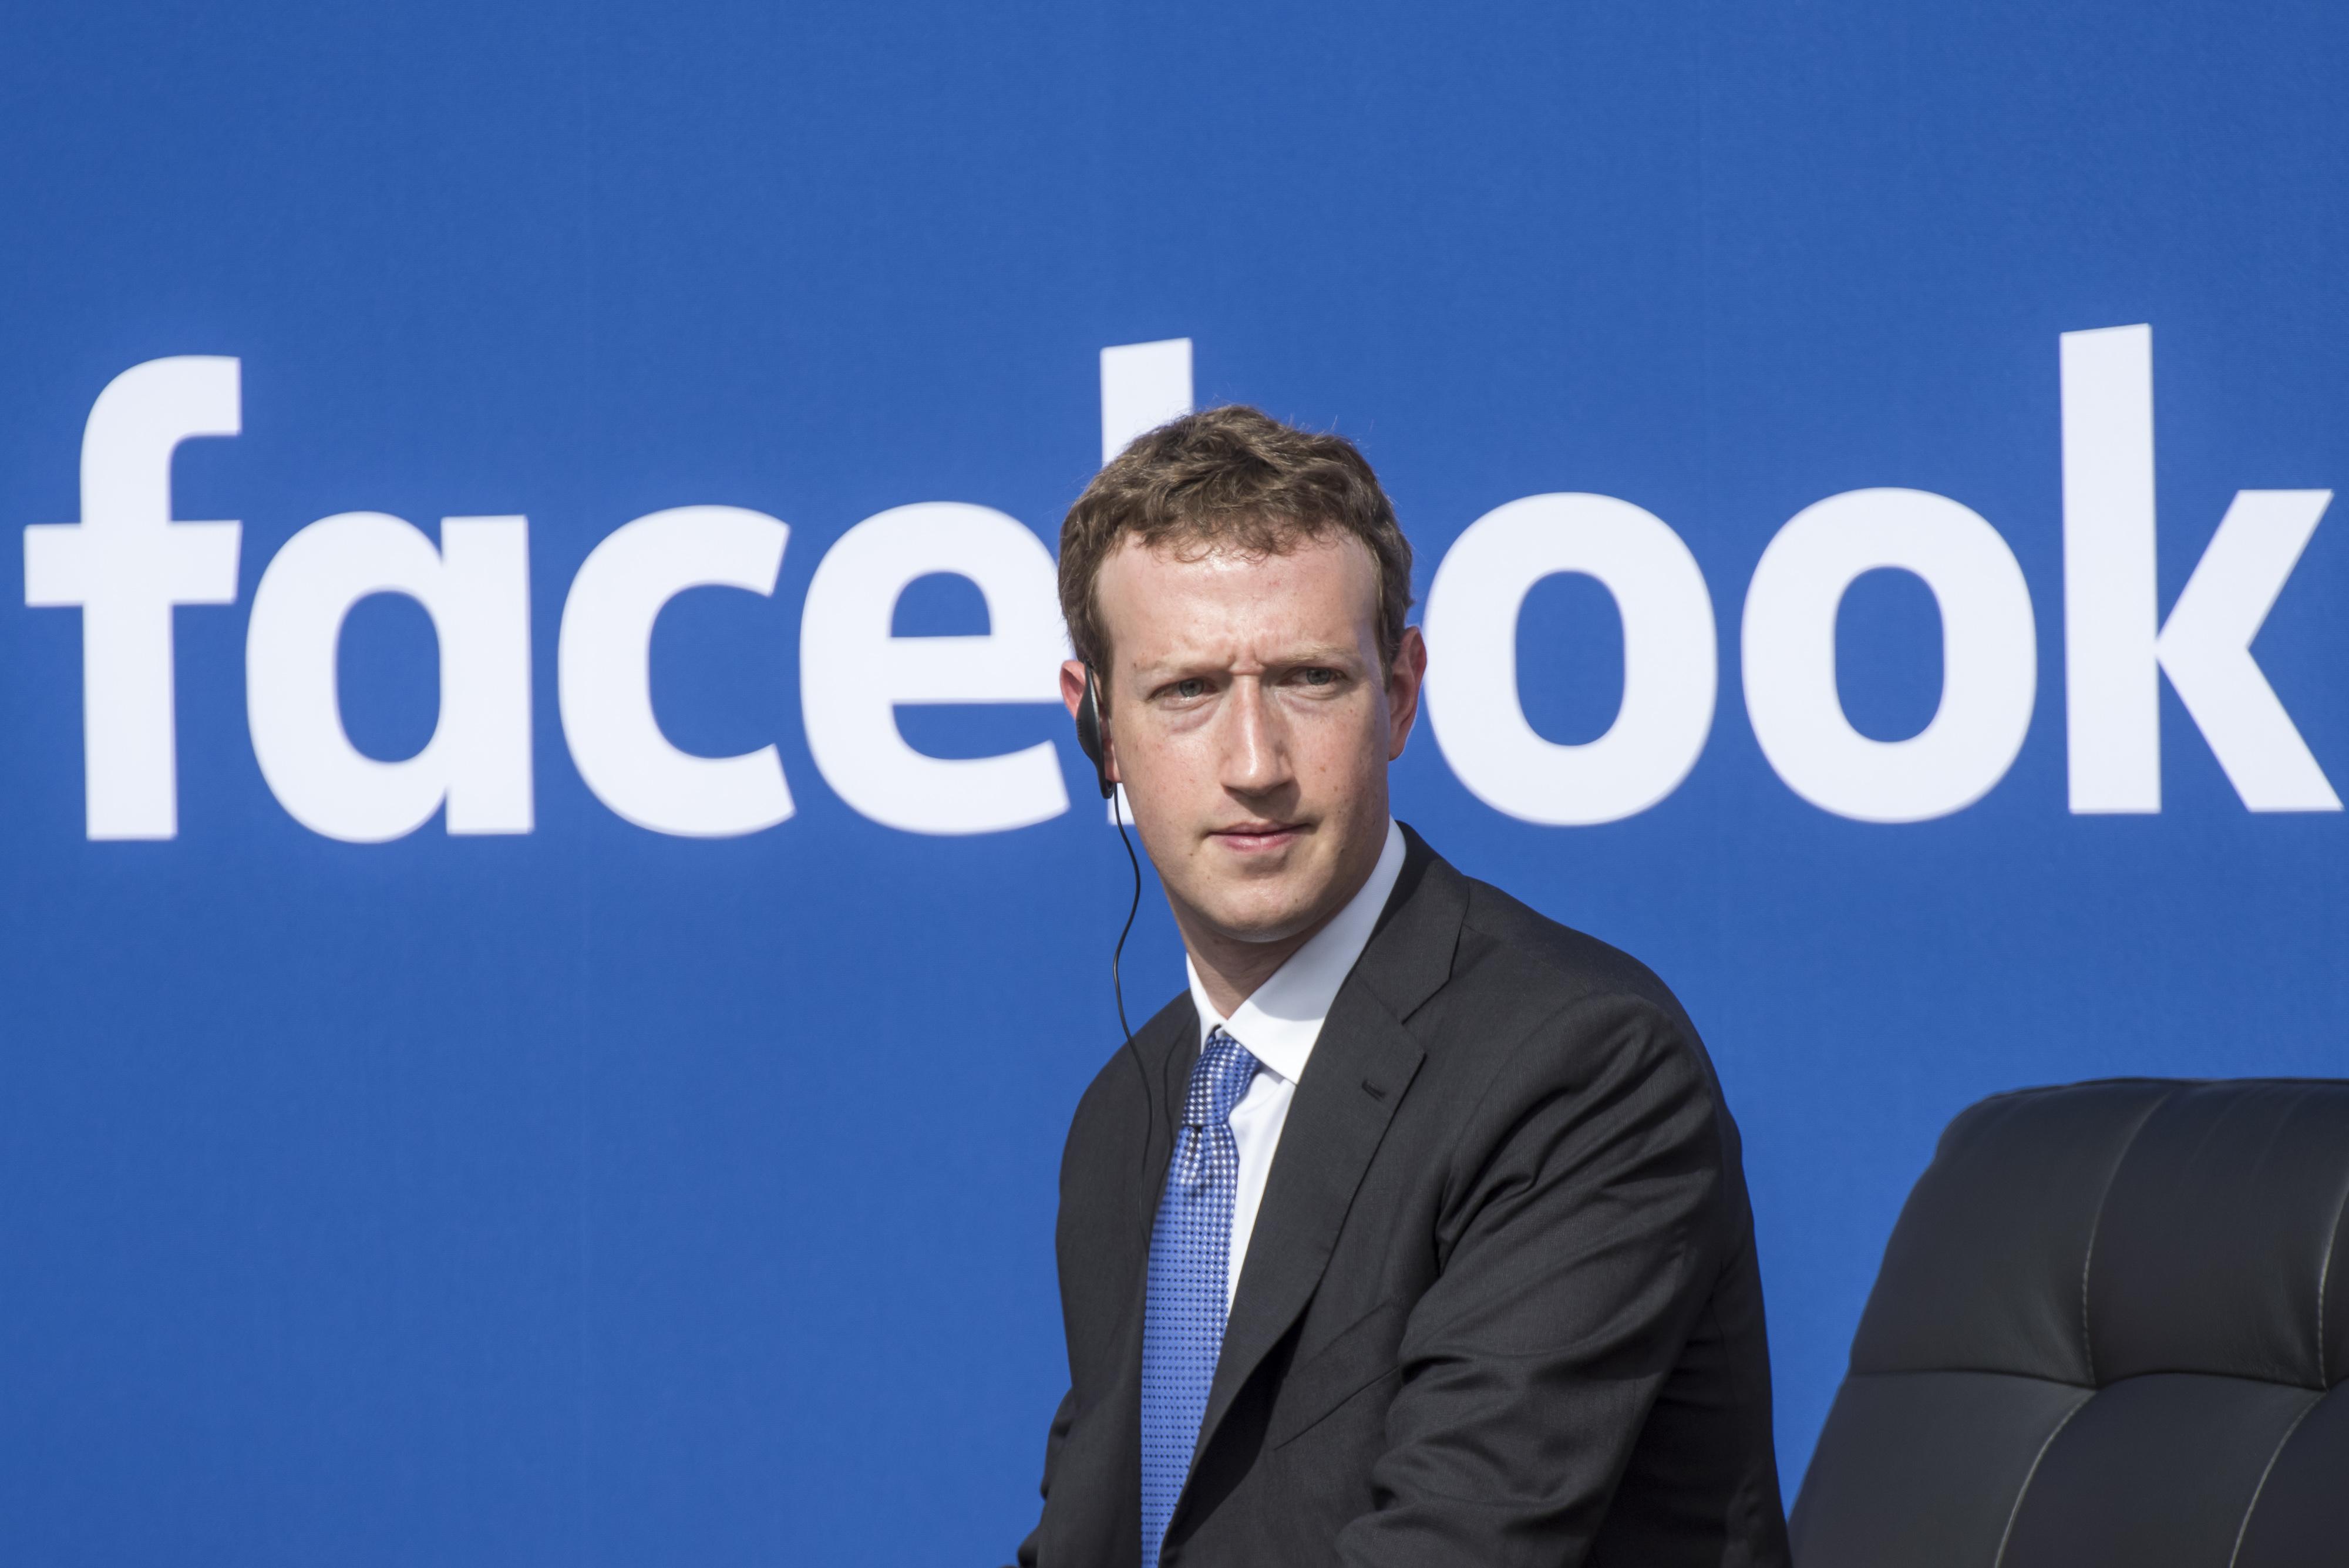 شركة فيسبوك تتكلف هذا المبلغ gettyimages-49032951